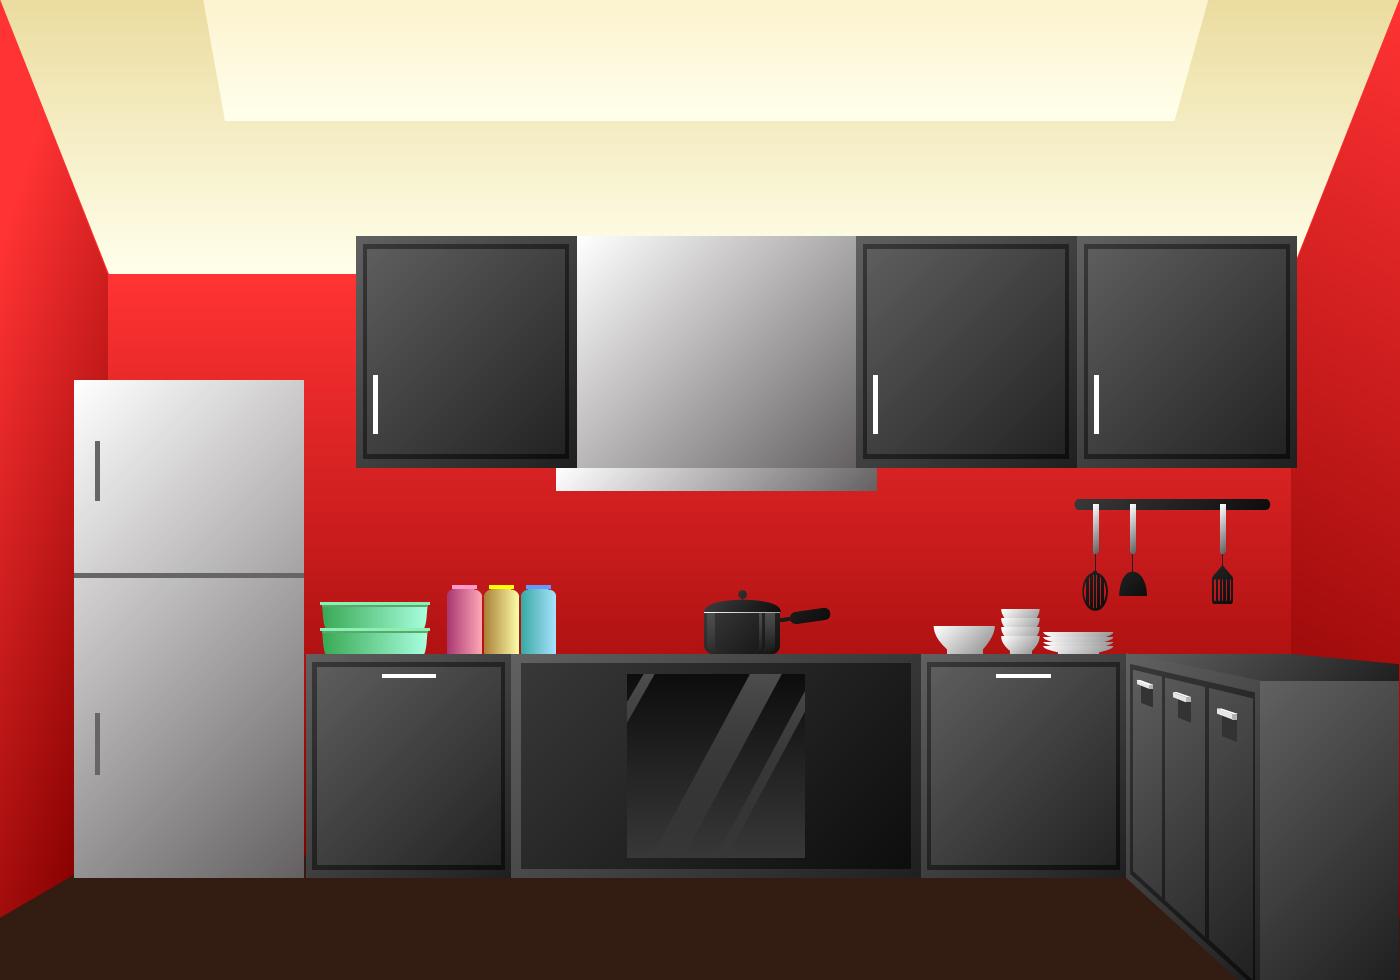 Vettore Realistico Degli Elementi Di Progettazione Della Stanza Della Cucina 238857 Scarica Immagini Vettoriali Gratis Grafica Vettoriale E Disegno Modelli